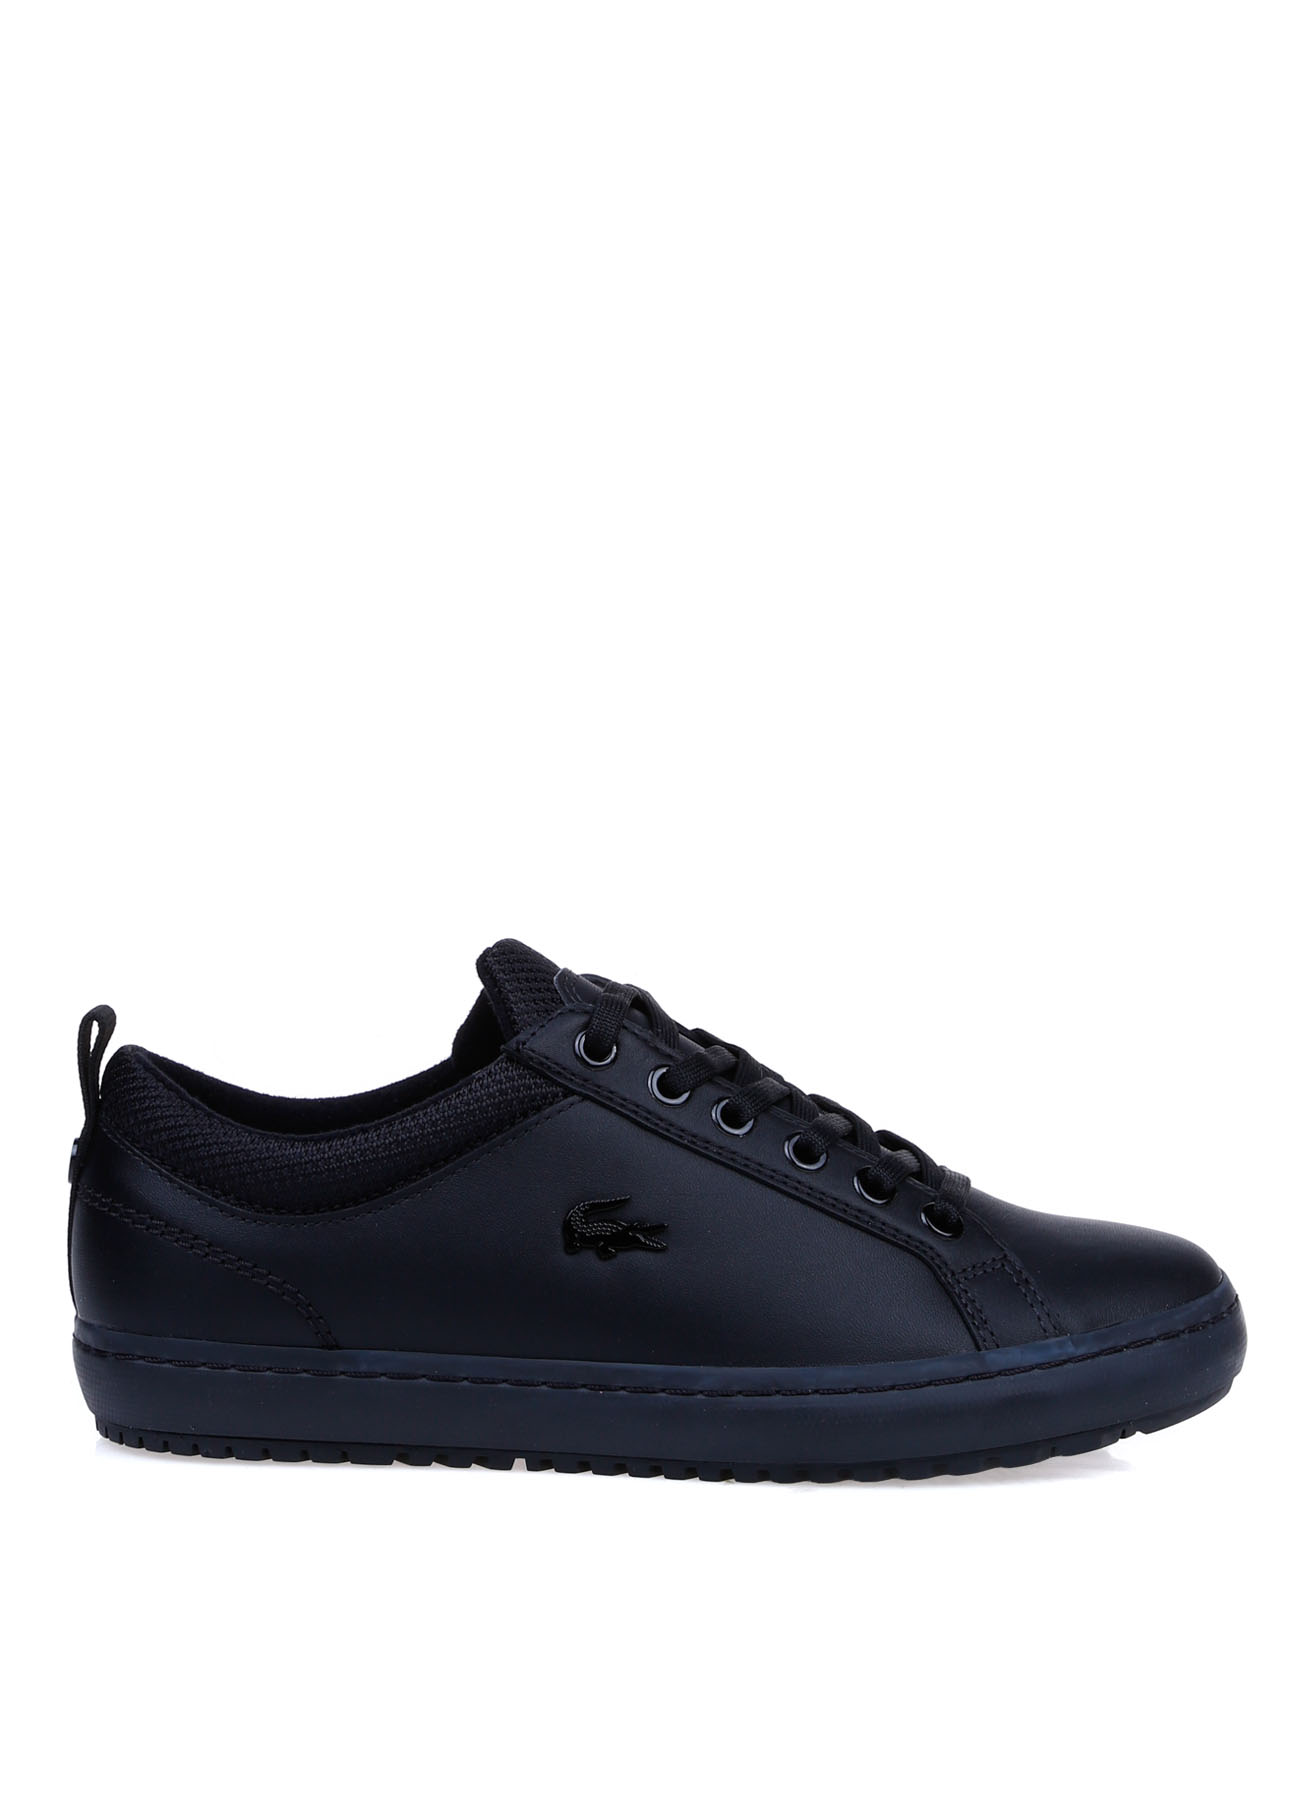 Lacoste Erkek Deri Lacivert Sneaker 38 5002312555003 Ürün Resmi